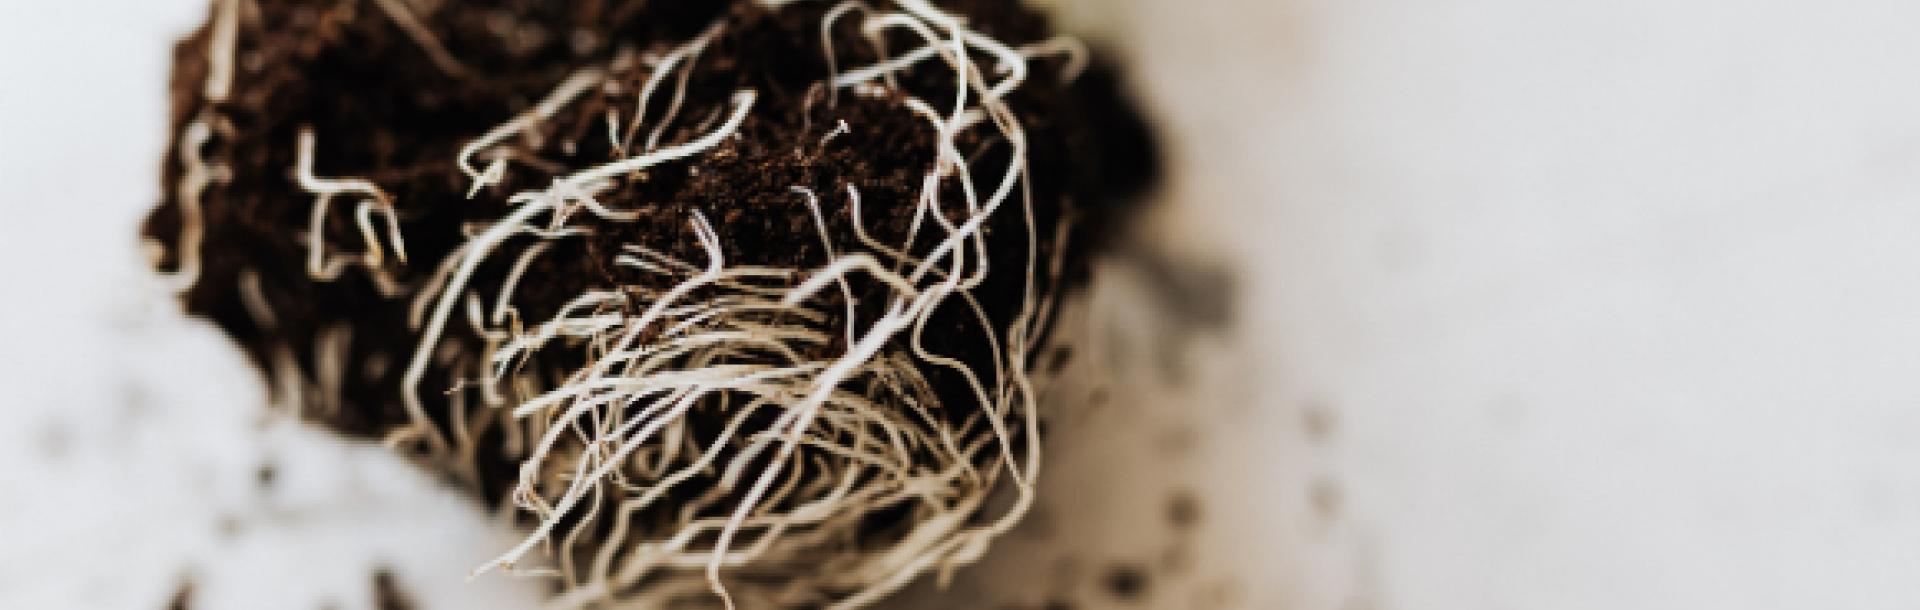 מחקר פורץ דרך גילה כי השורשים של הצמחים גדלים בתנועת הברגה – ממש כמו מקדחה החודרת לקיר. המאמר פורסם בכתב העת היוקרתי Nature Communications